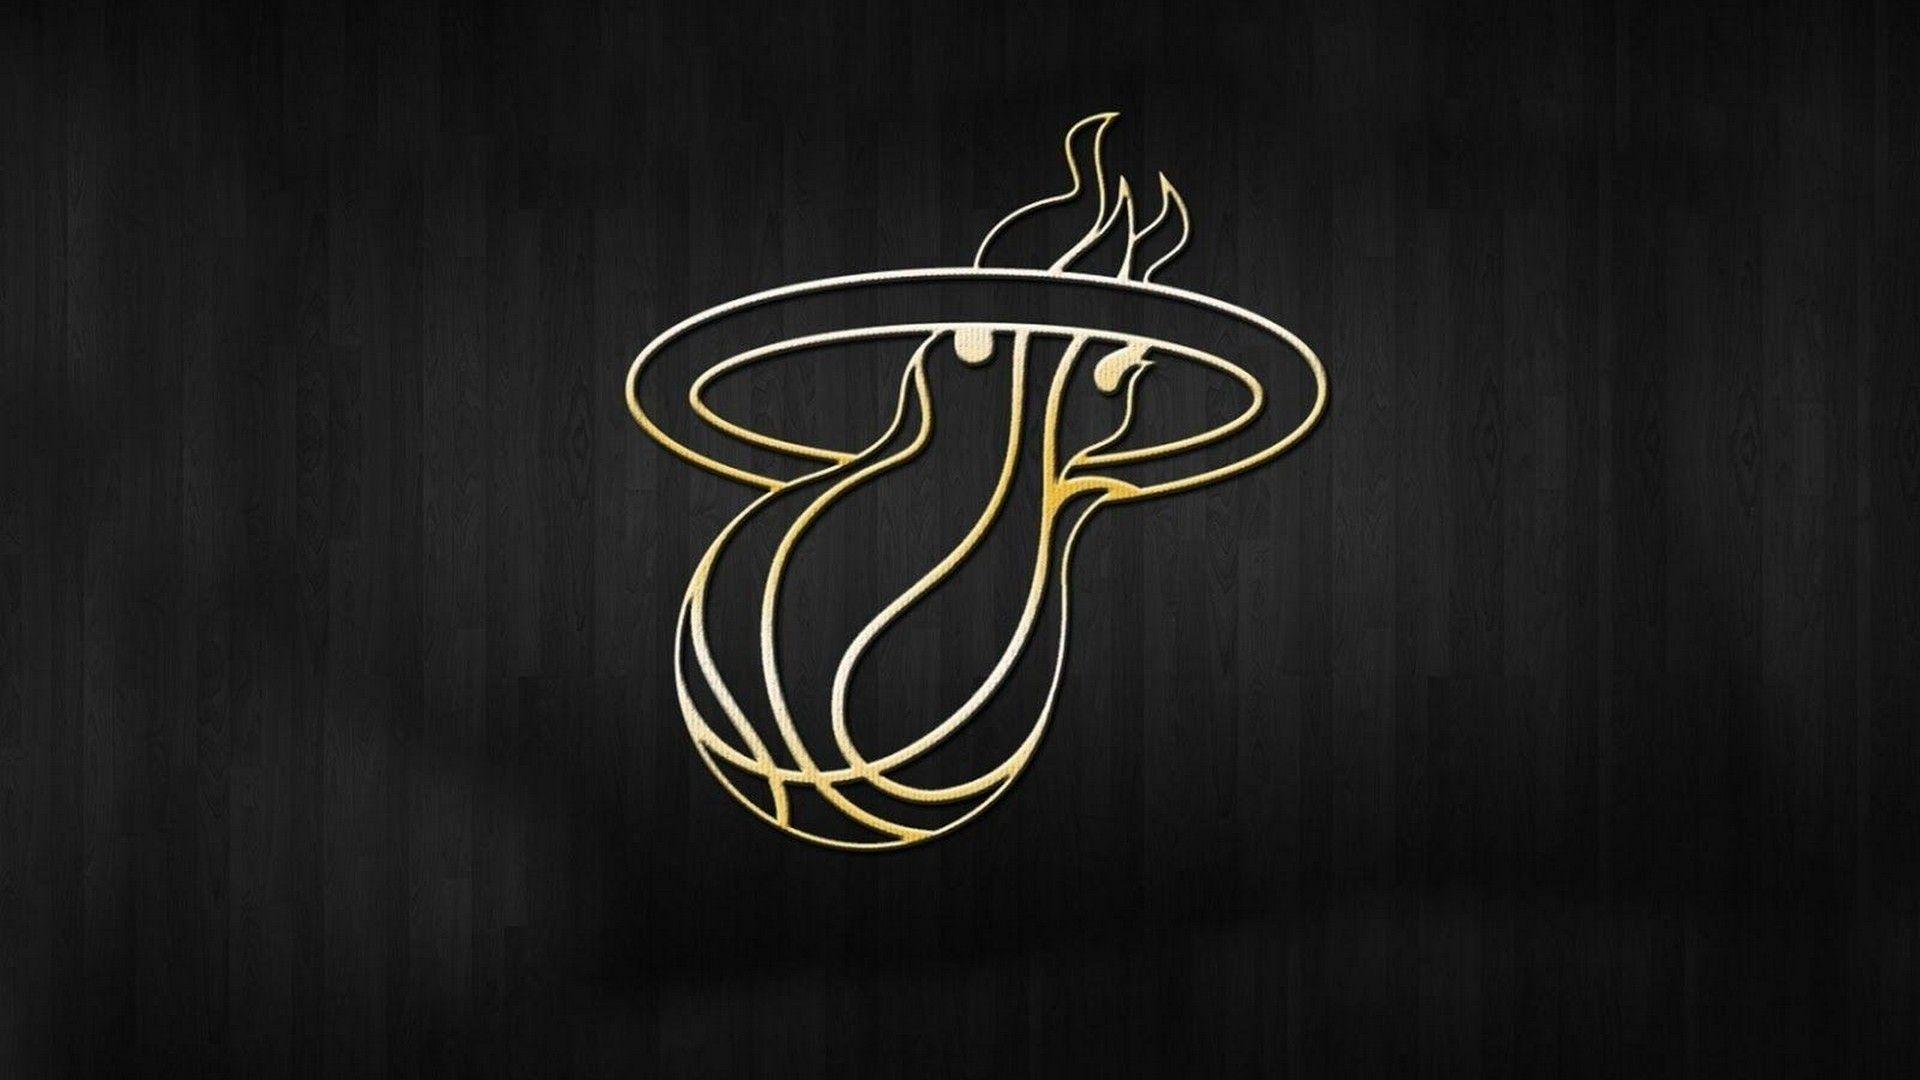 Basketball Wallpaper Best Basketball Wallpapers 2020 Miami Heat Logo Miami Heat Basketball Wallpapers Hd